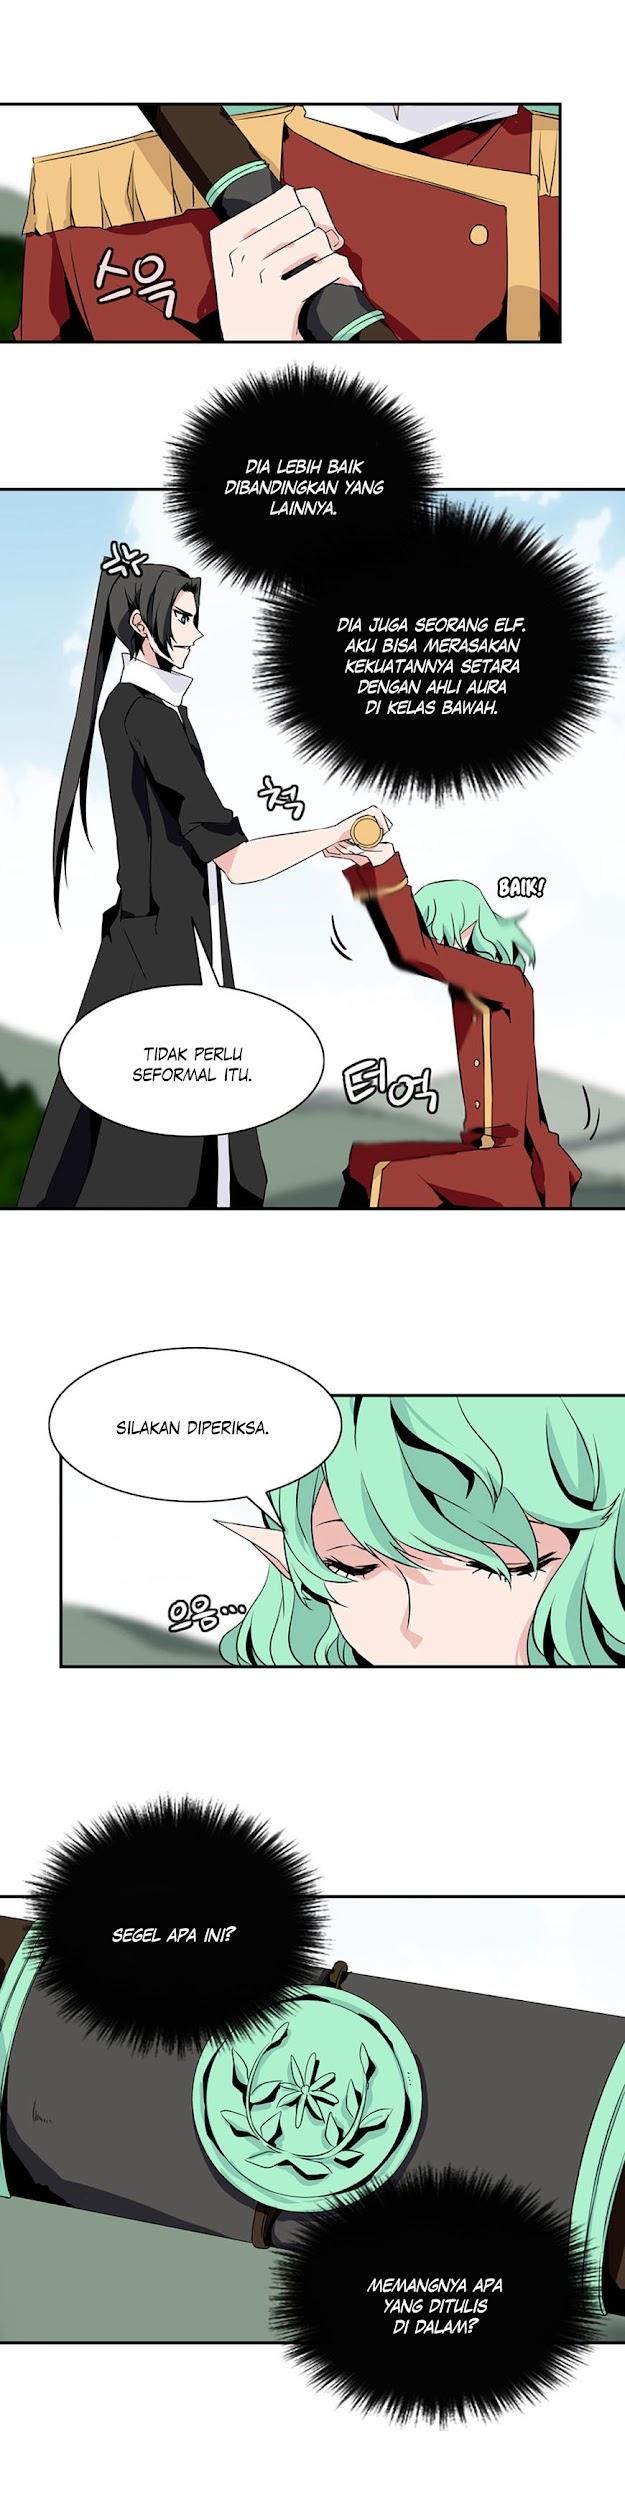 Dilarang COPAS - situs resmi www.mangacanblog.com - Komik wizardly tower 045 - chapter 45 46 Indonesia wizardly tower 045 - chapter 45 Terbaru 5|Baca Manga Komik Indonesia|Mangacan